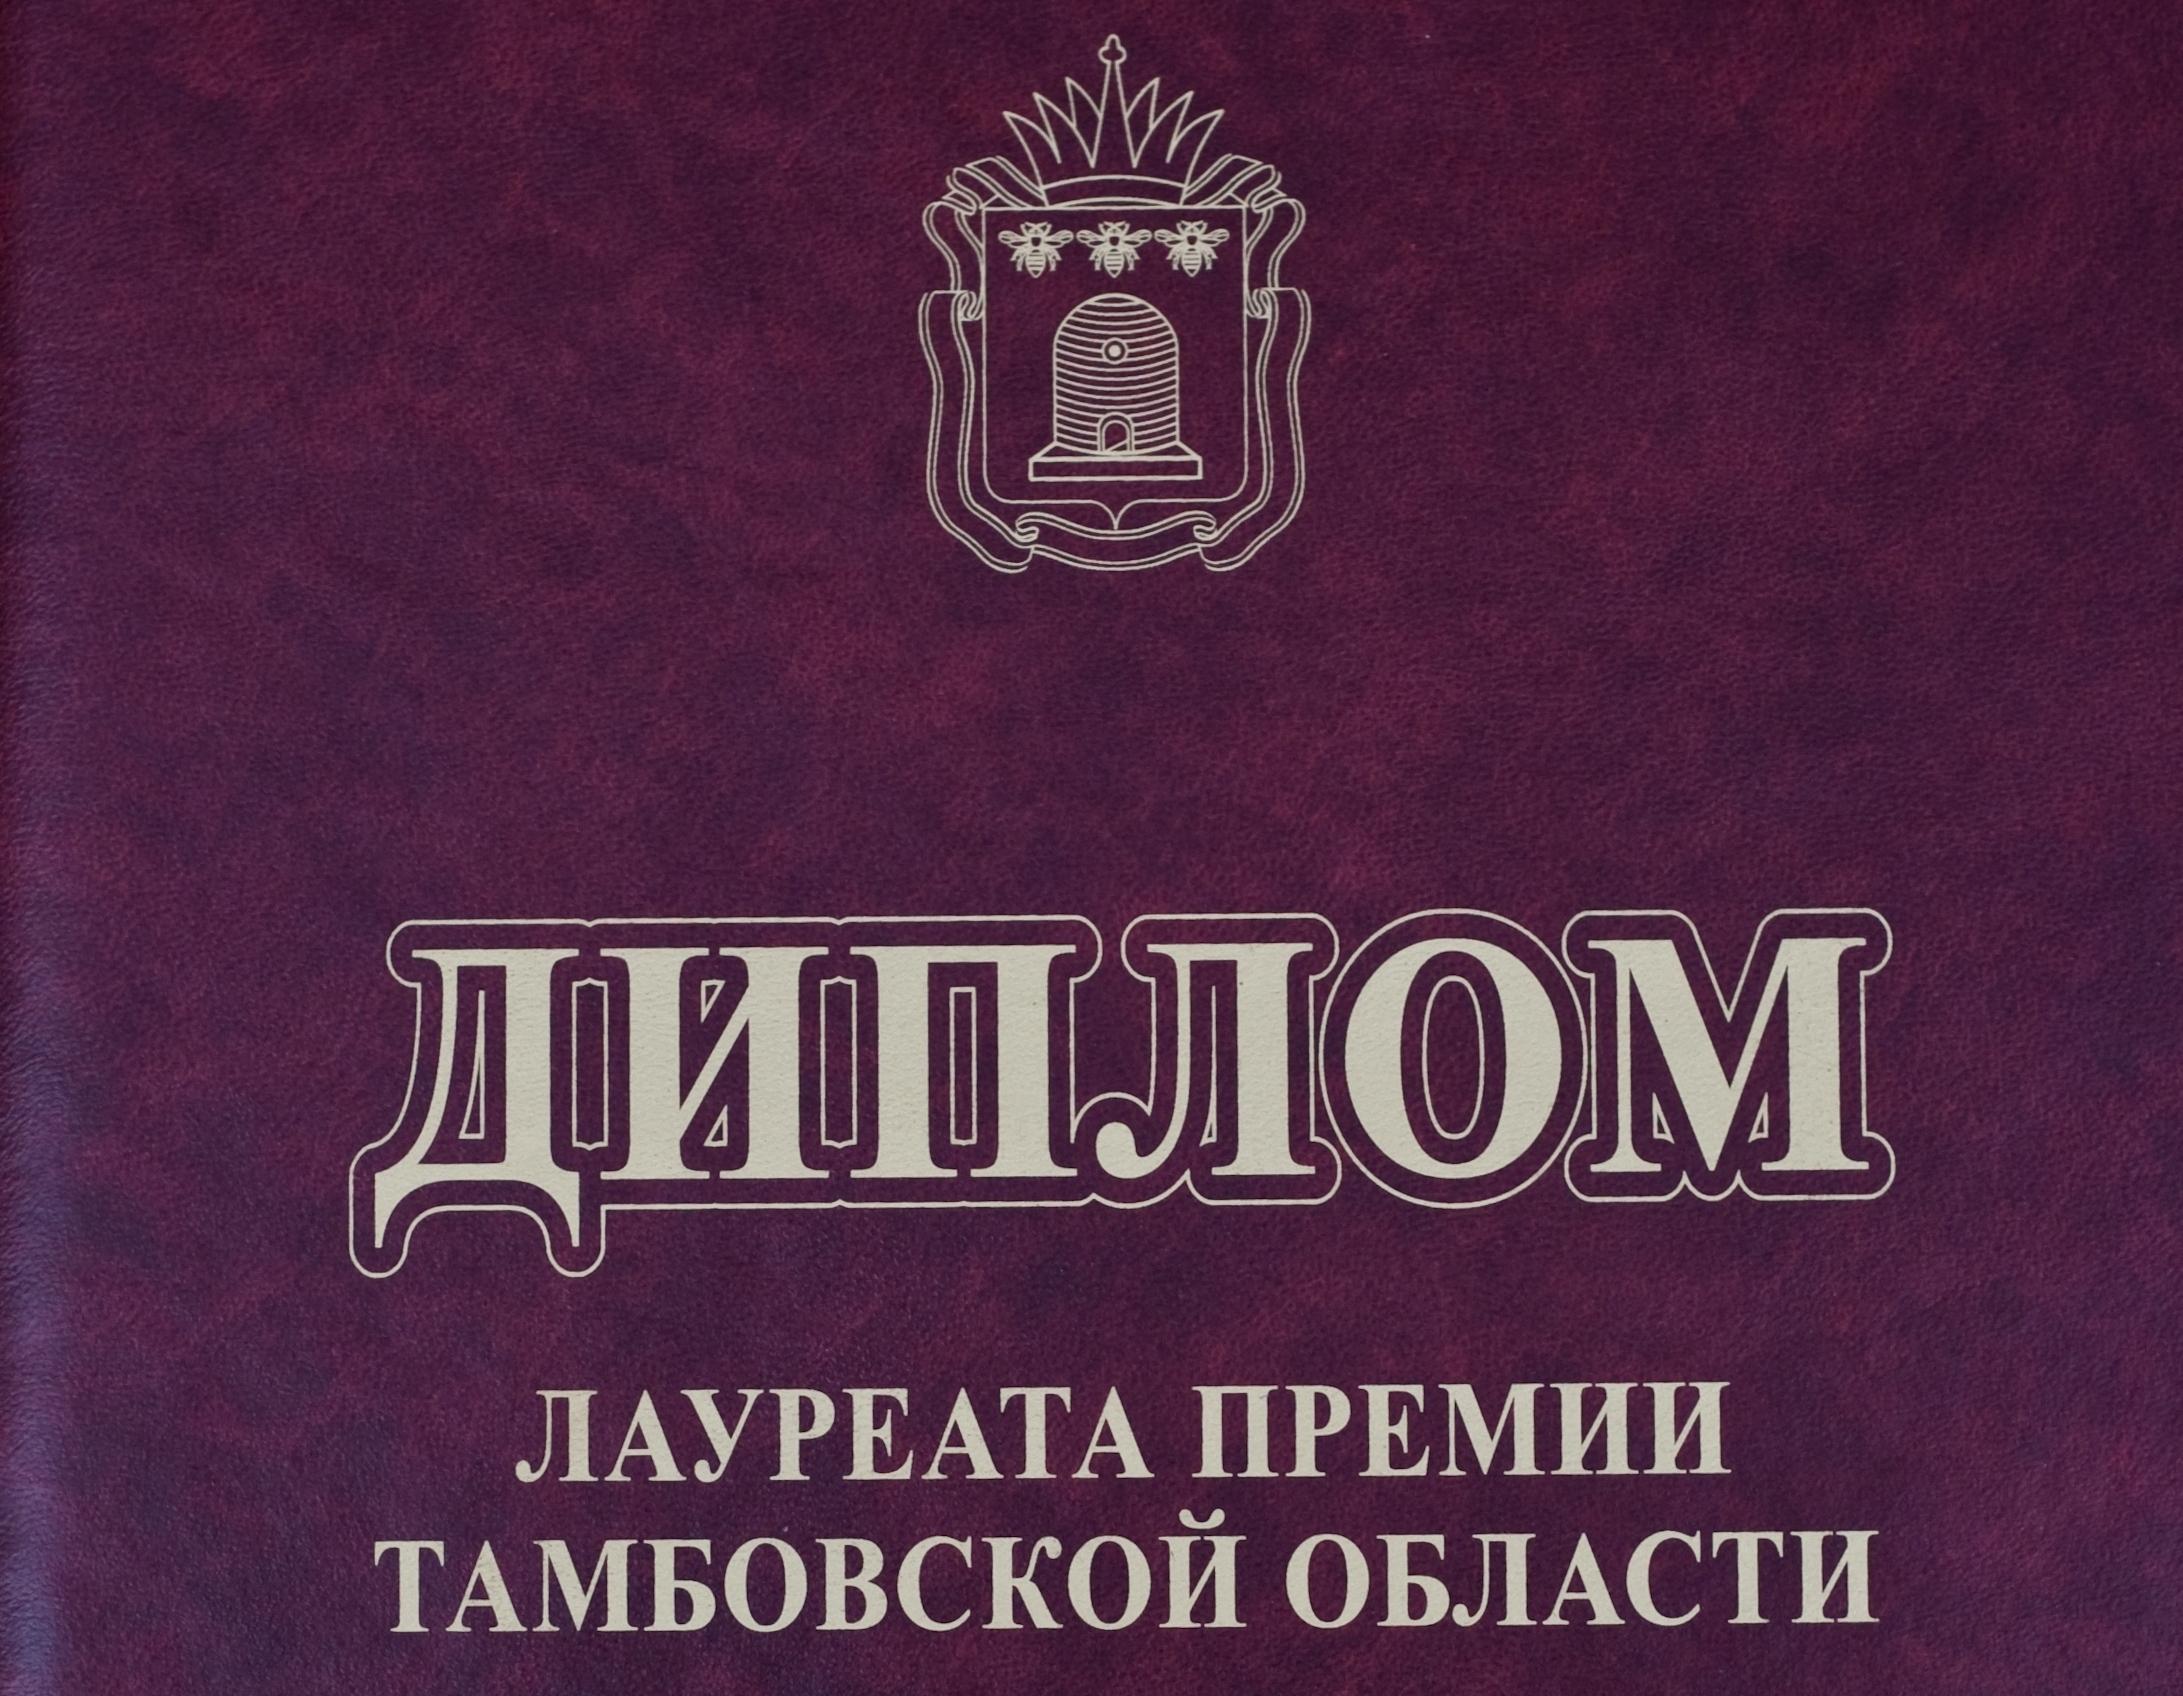 Премии Тамбовской области имени В.Ф. Войно-Ясенецкого удостоен врач Геннадий Манаенков